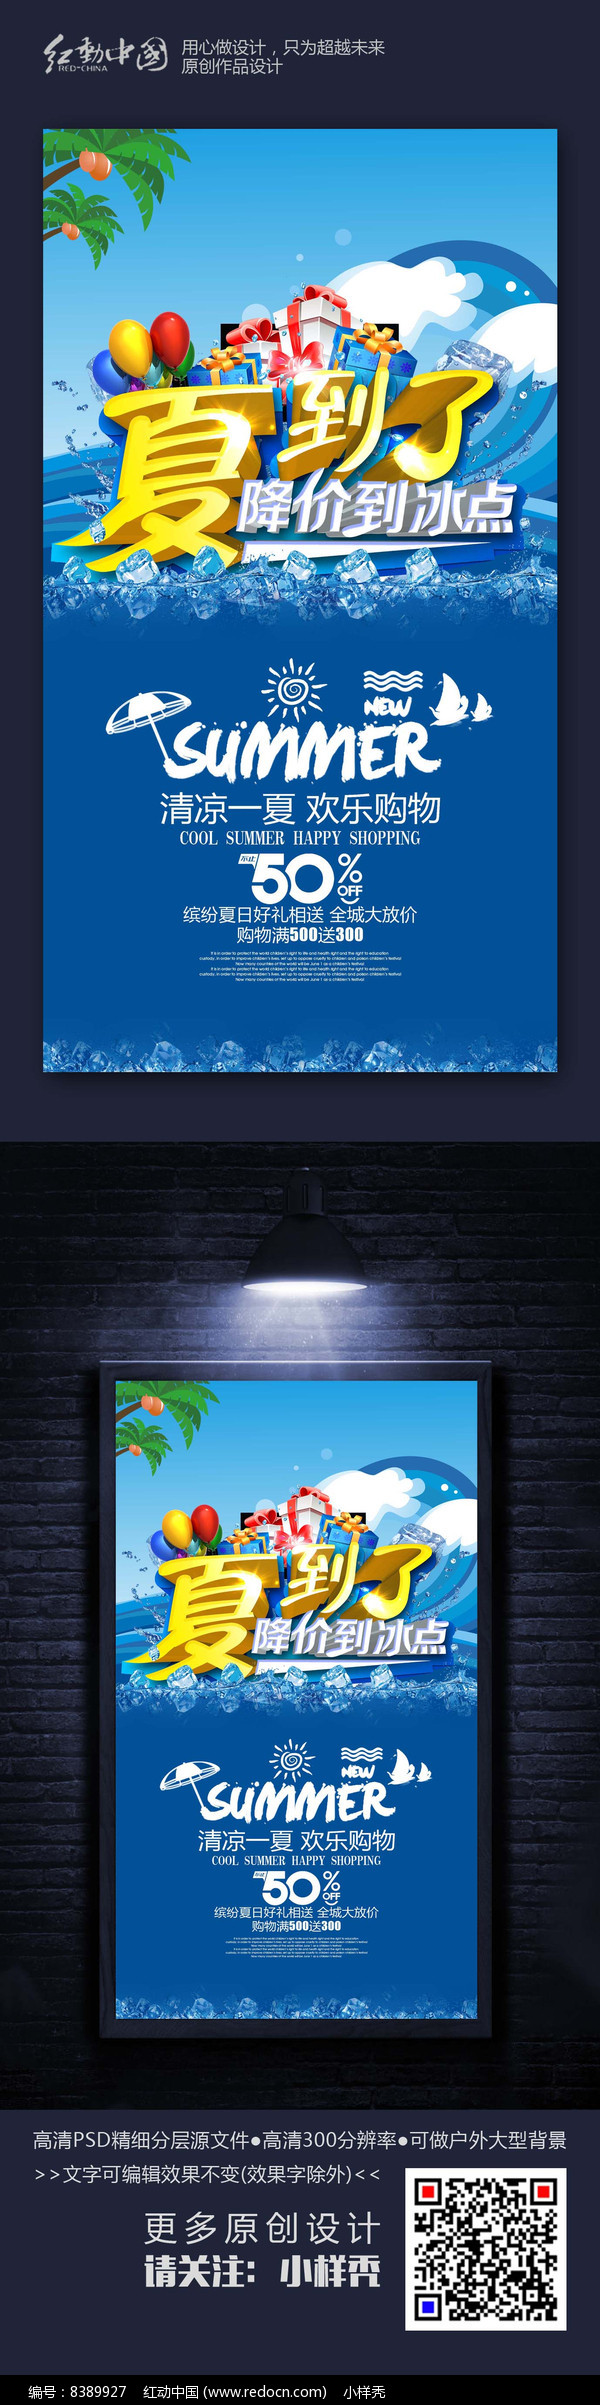 夏日特惠年中庆夏季活动海报图片